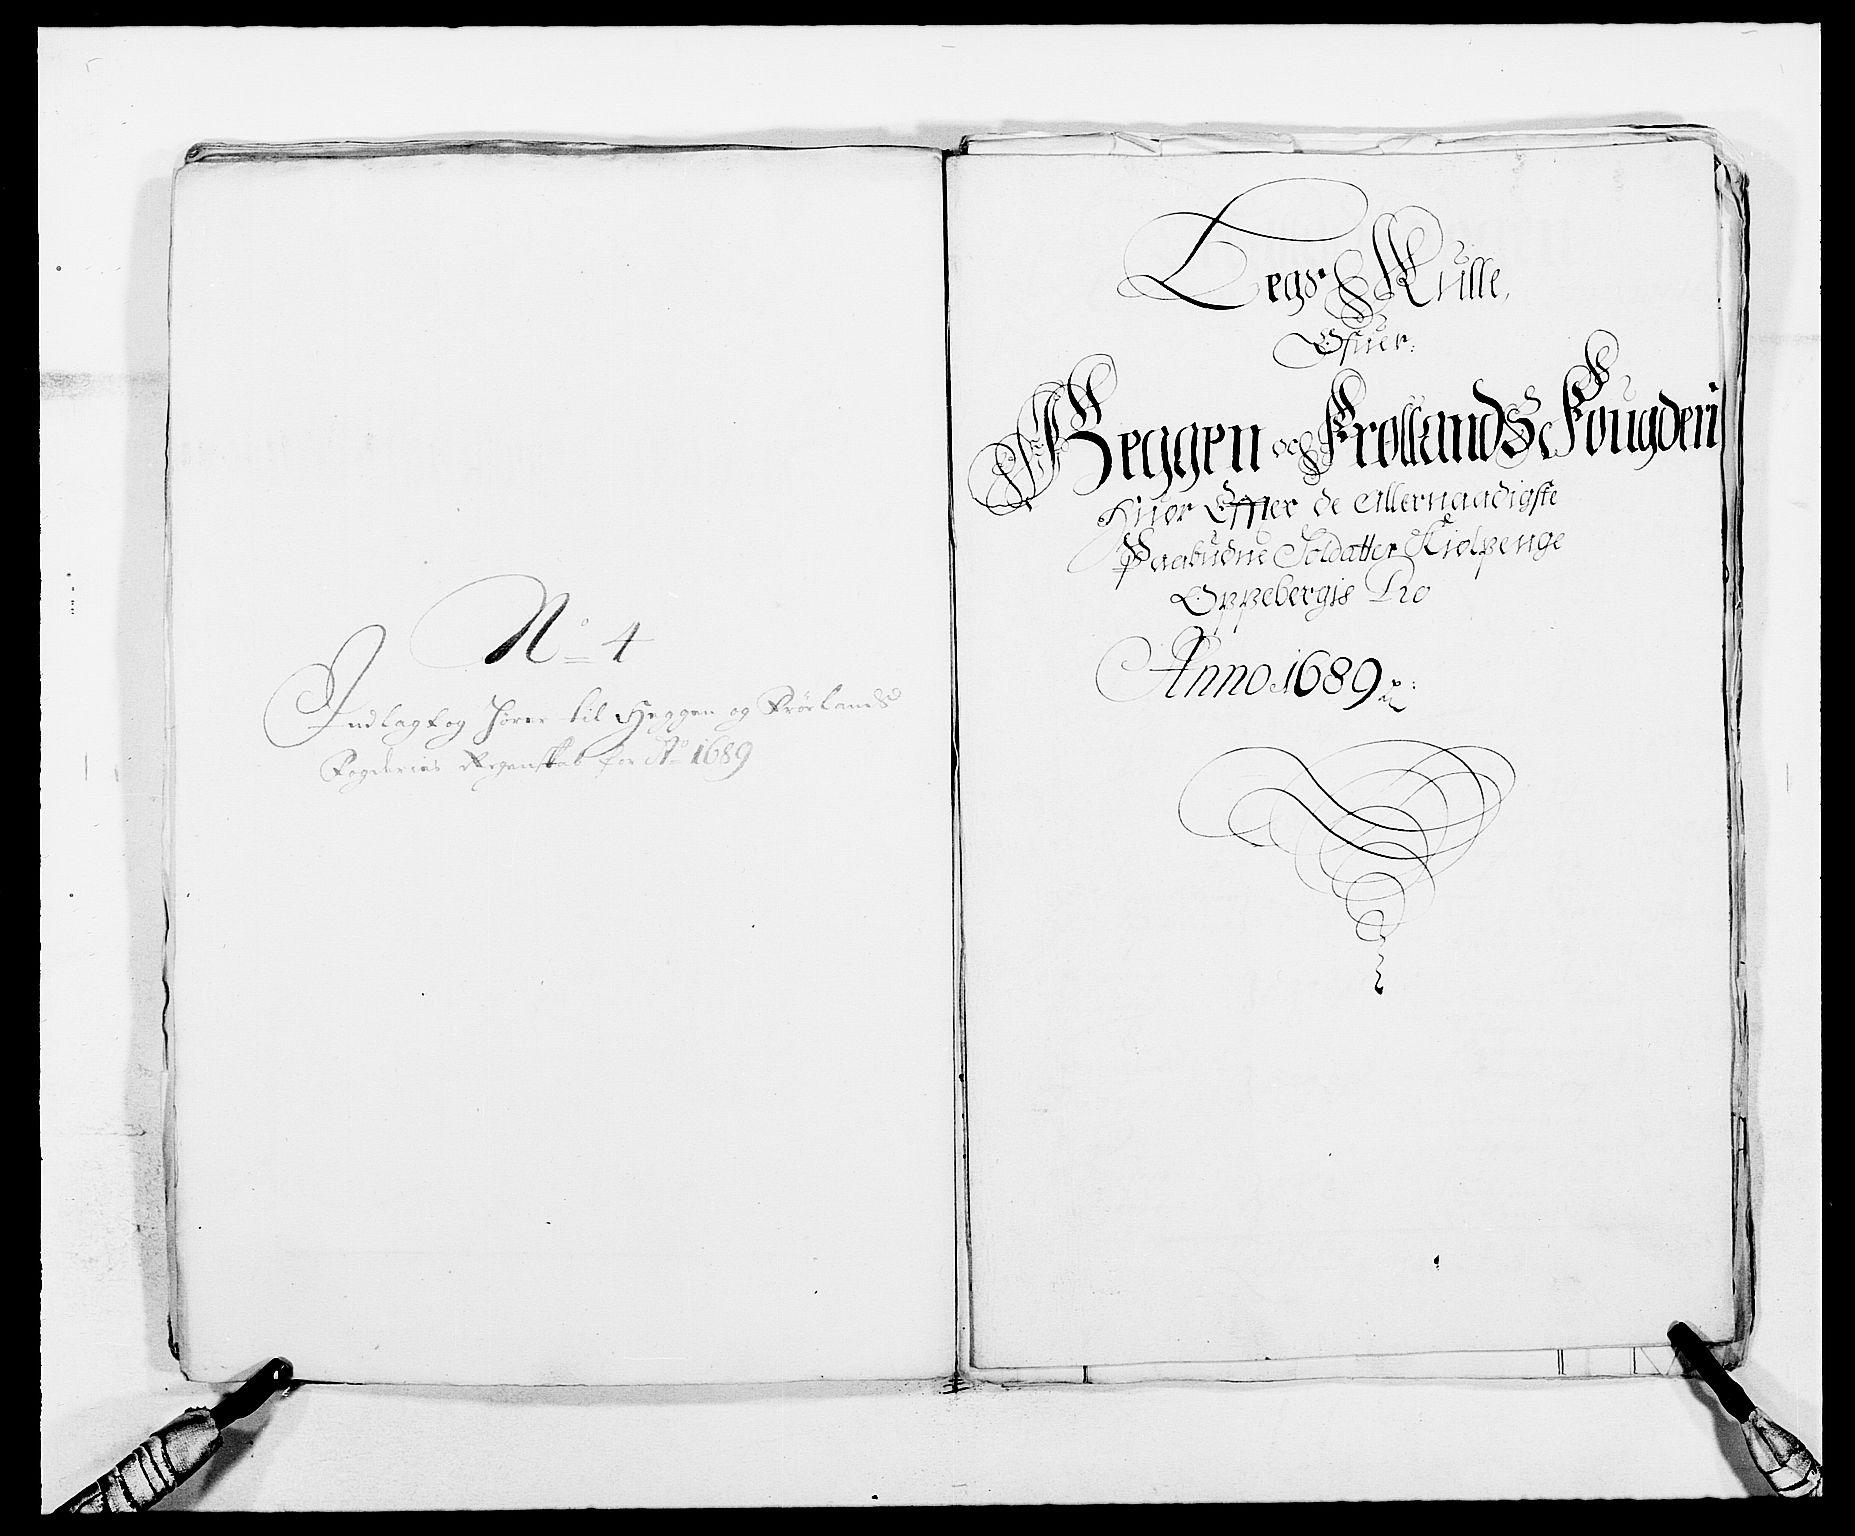 RA, Rentekammeret inntil 1814, Reviderte regnskaper, Fogderegnskap, R06/L0282: Fogderegnskap Heggen og Frøland, 1687-1690, s. 153